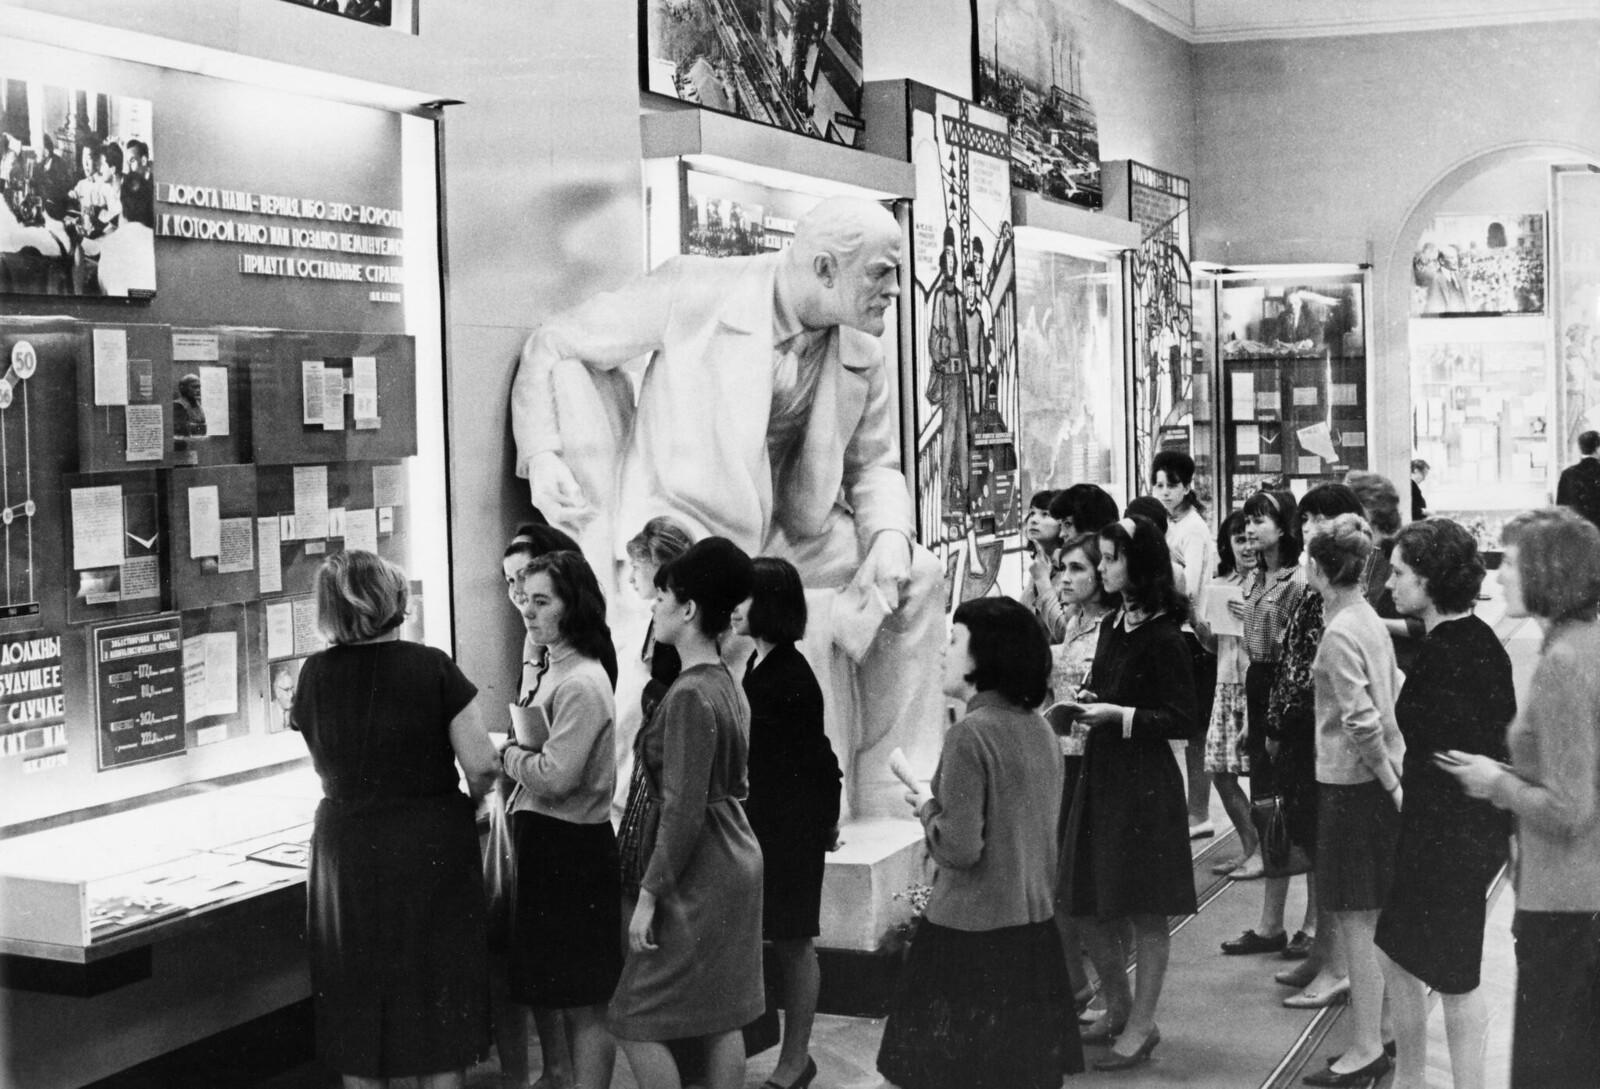 1966. Посетители осматривают экспонаты выставки «Триумф великих идей ленинизма» в Центральном музее Ленина в Москве